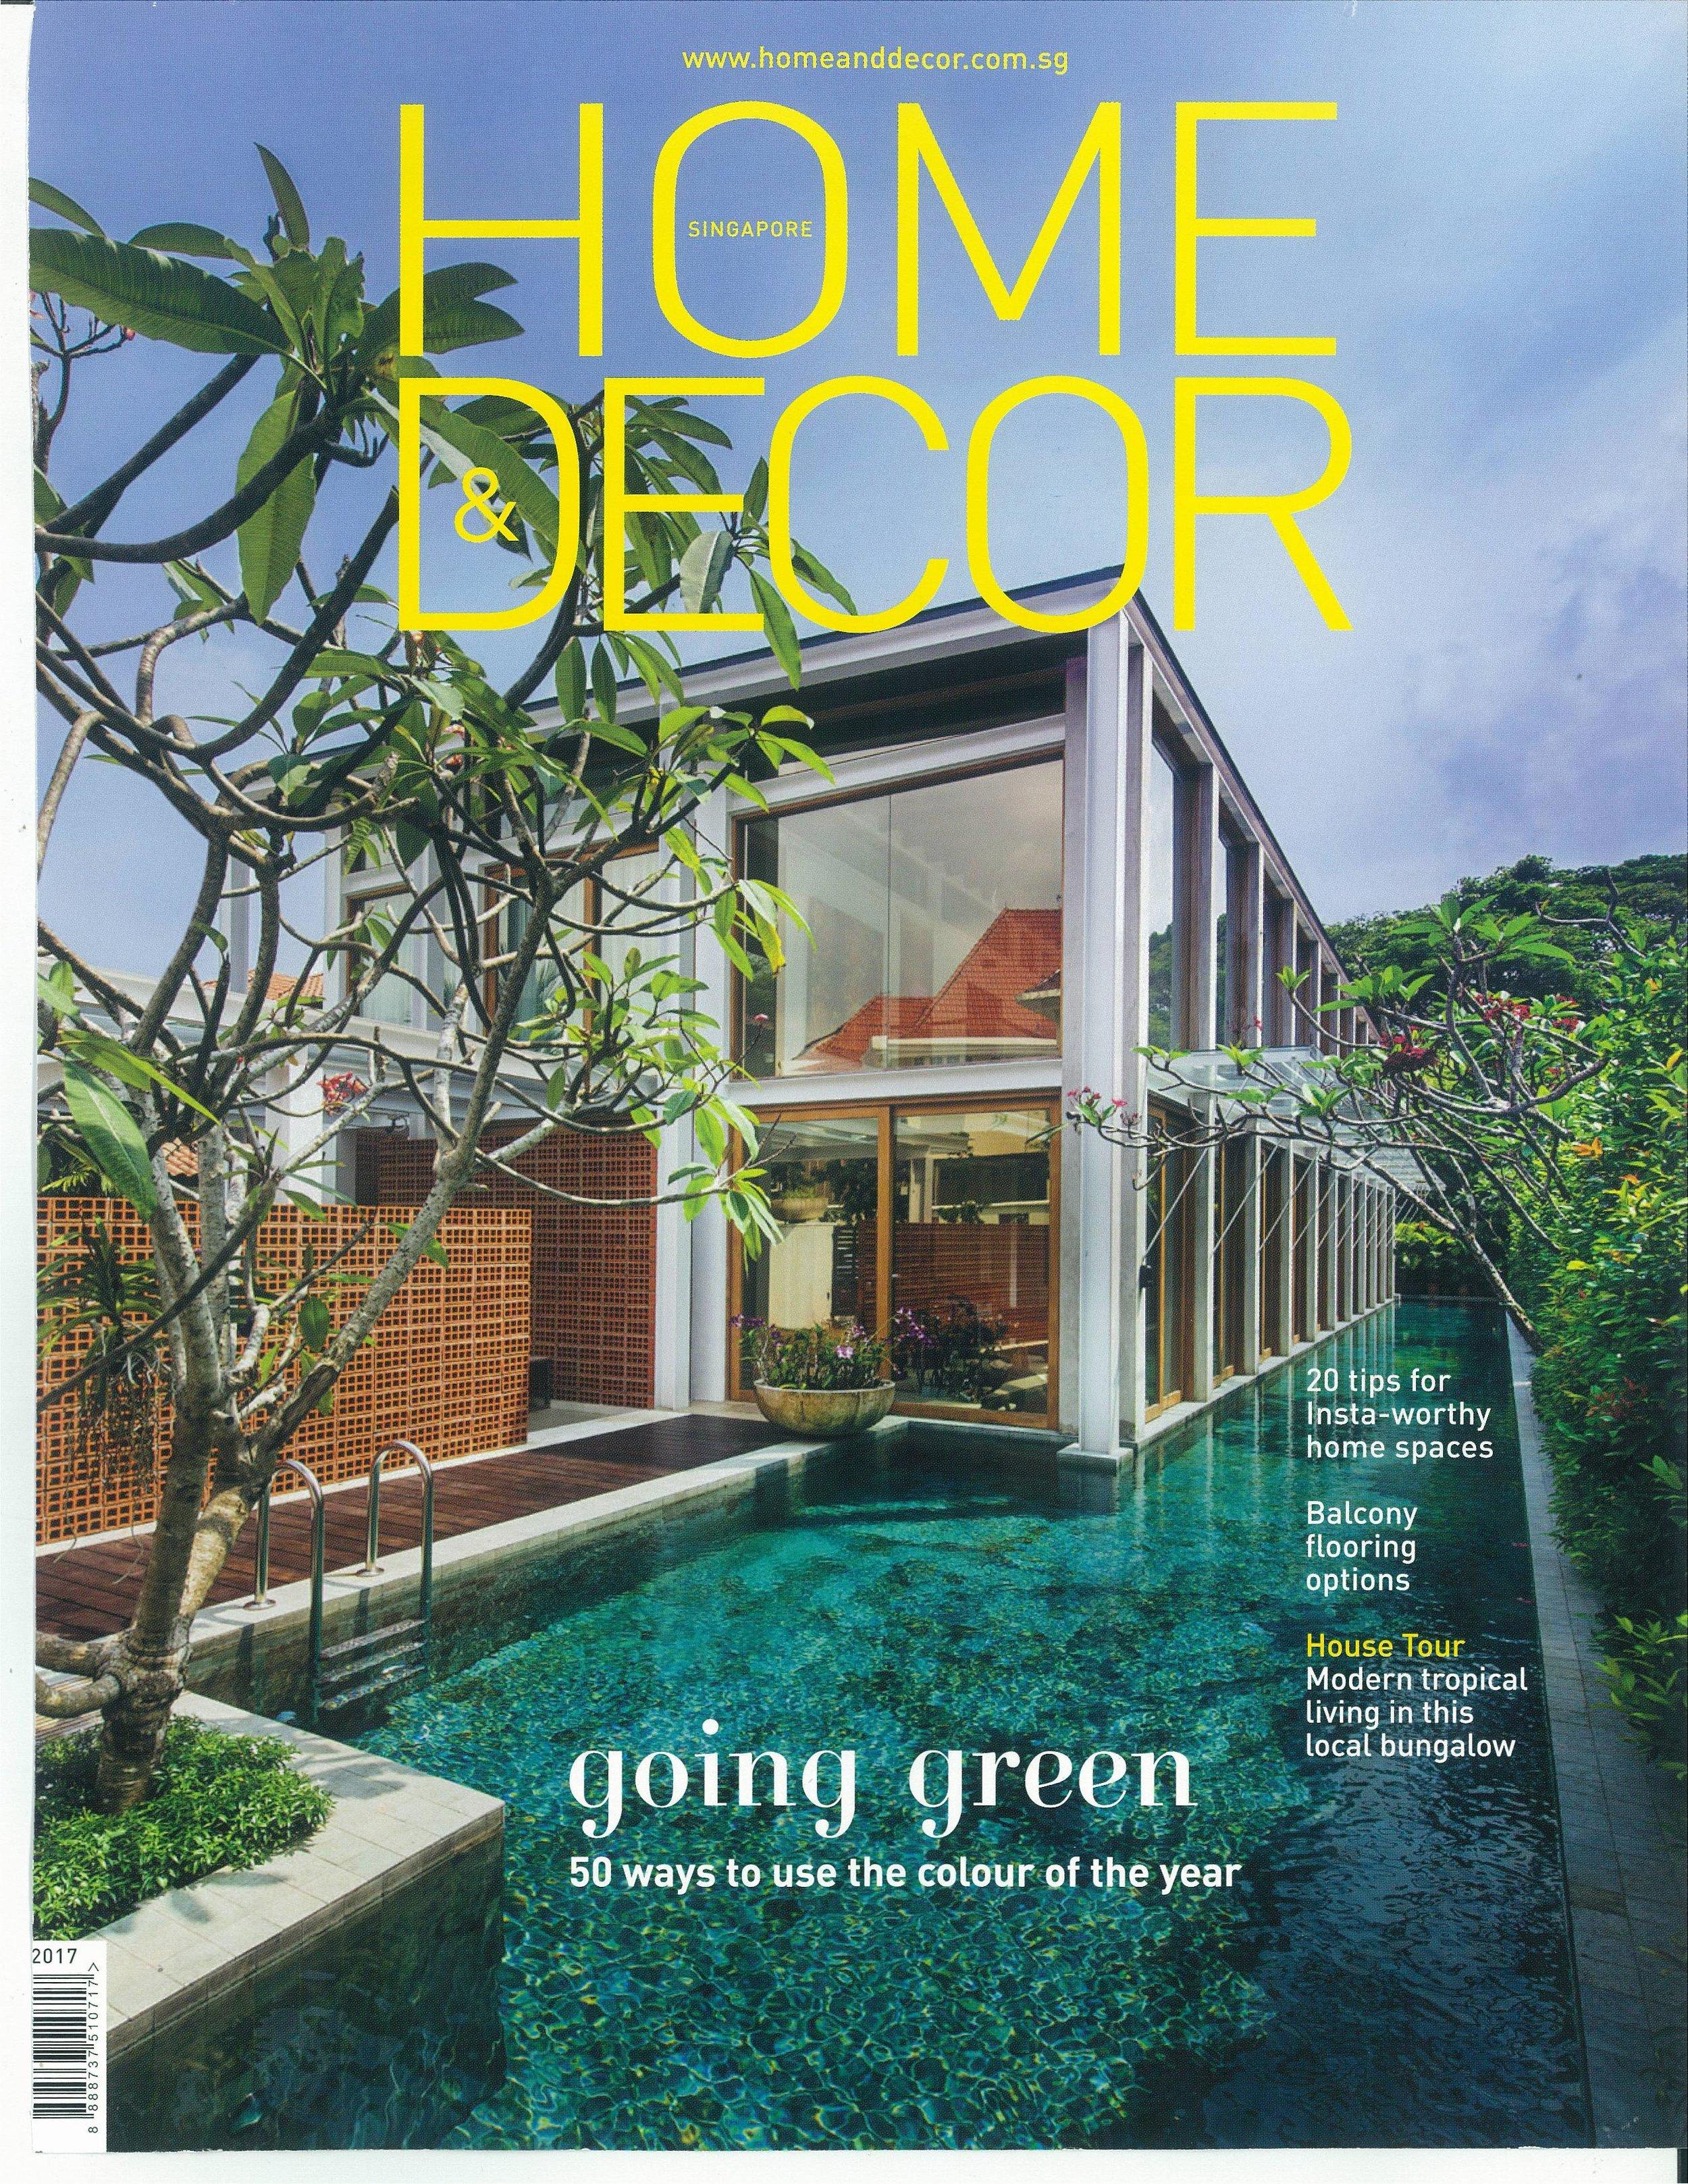 Home & Decor x Joe Cariati June 2017.jpg